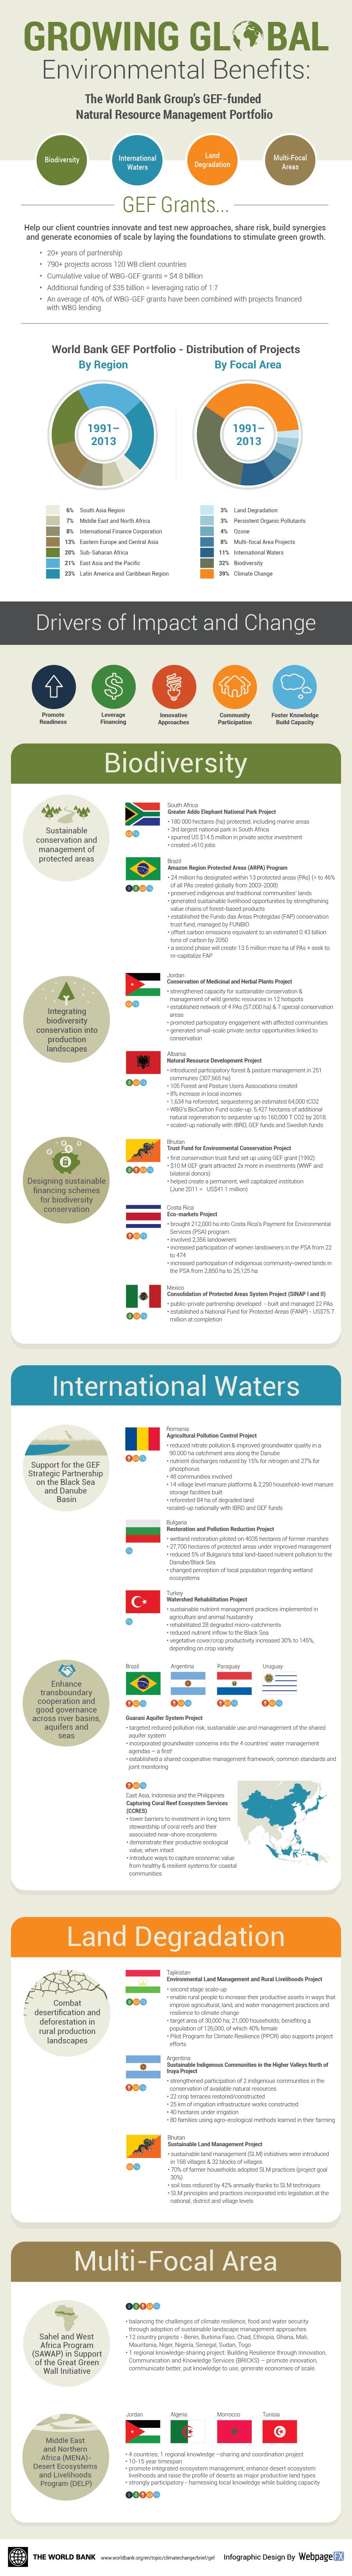 Infografía del Banco Mundial #worldBank sobre su gestión relacionada con la Conservación de los Recursos Naturales